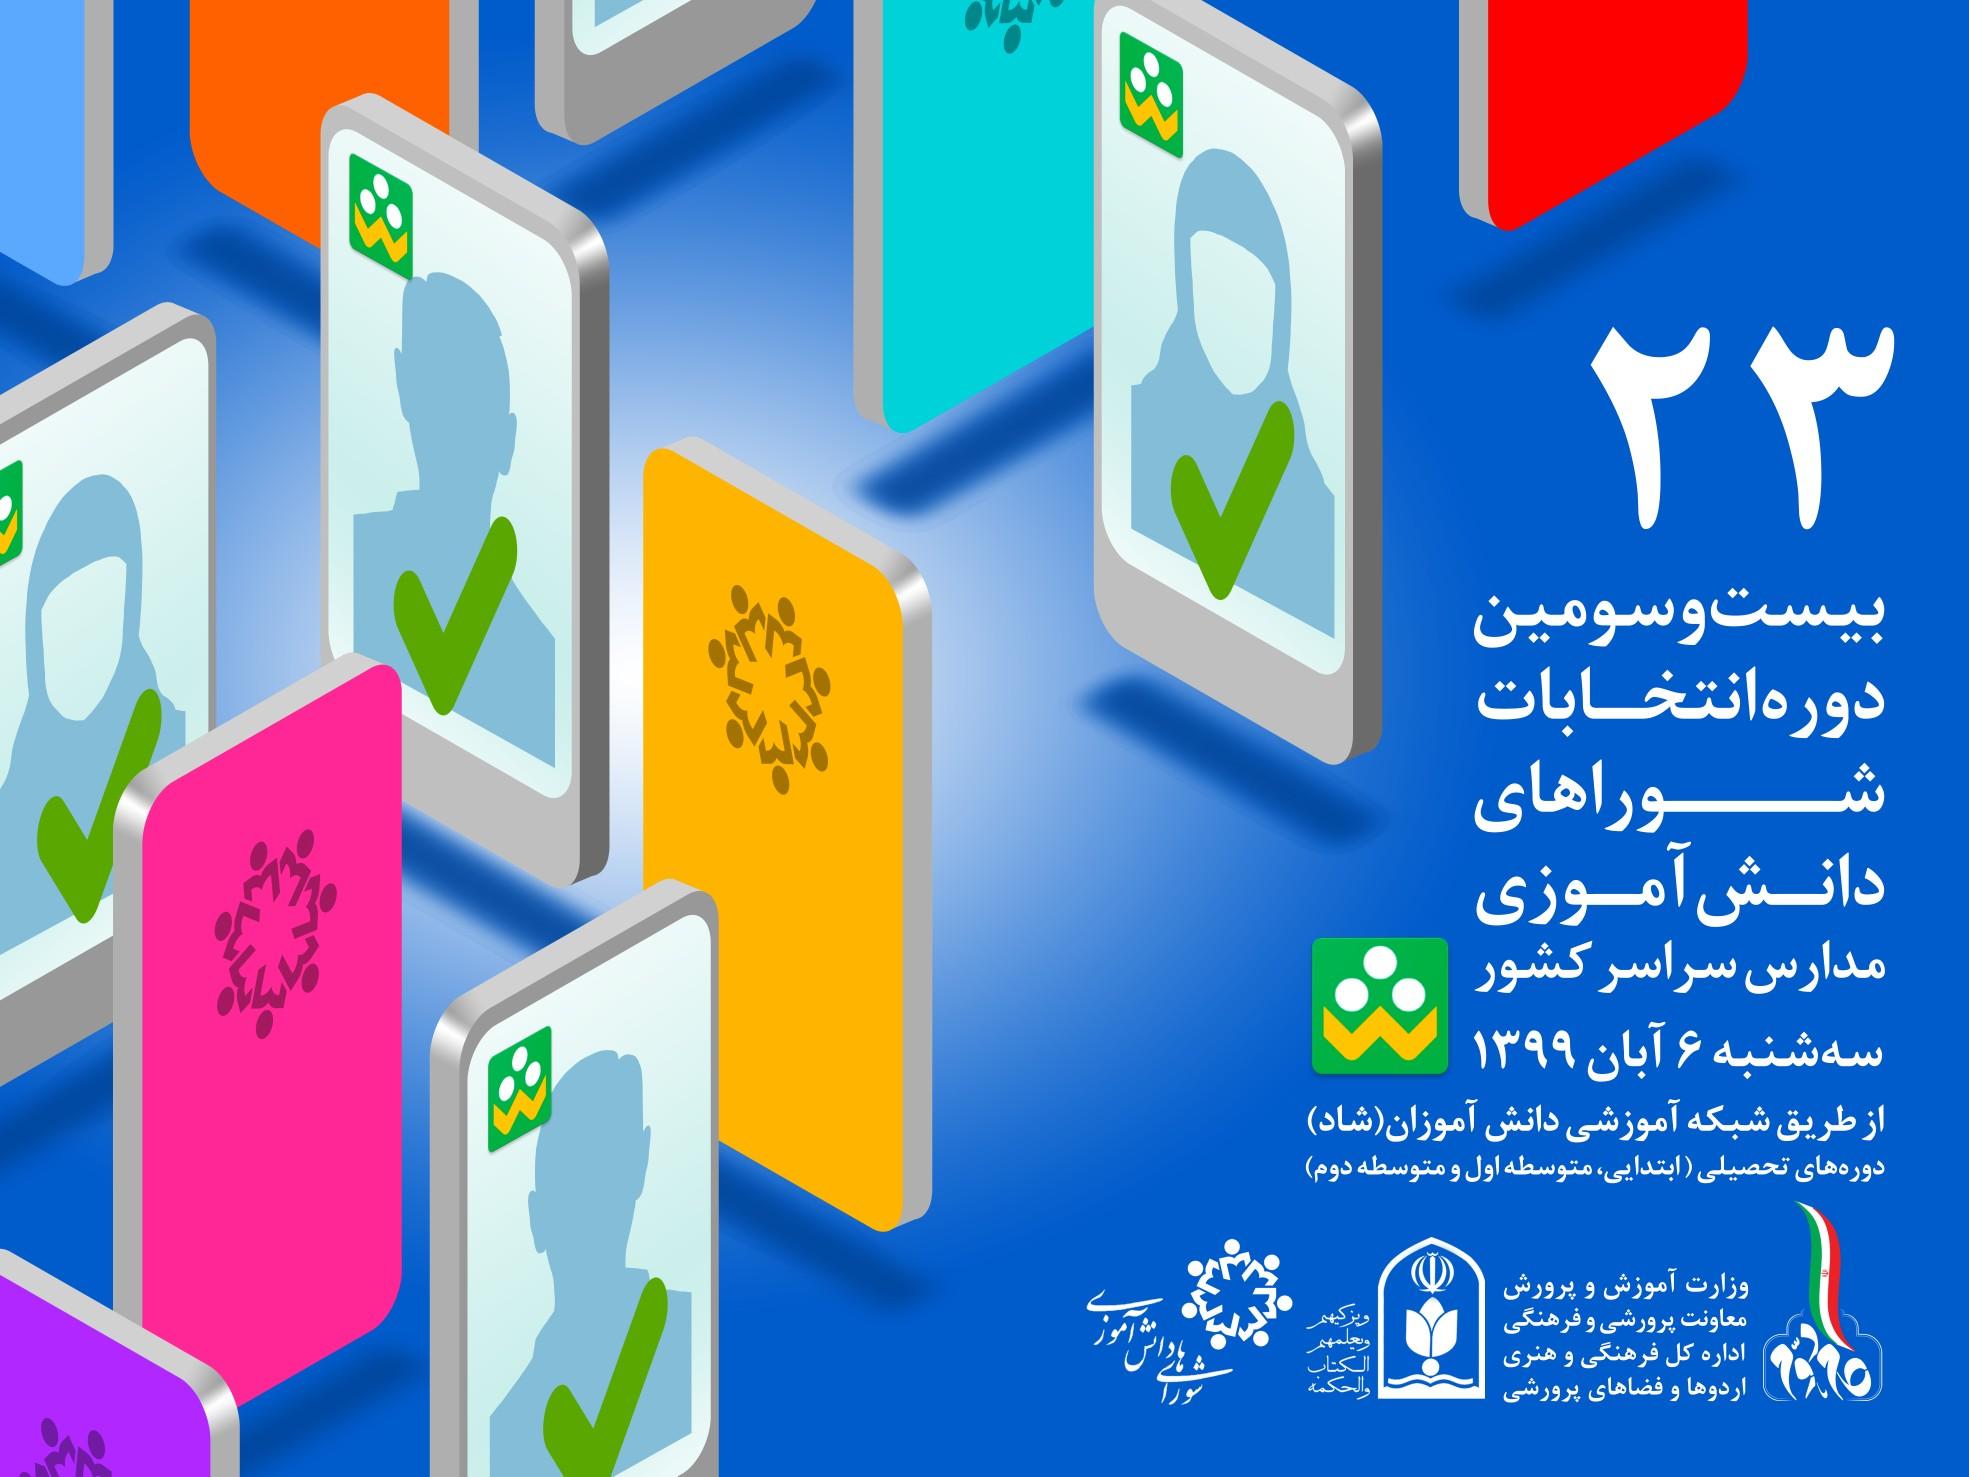 انتخابات داغ شورای دانش آموزی